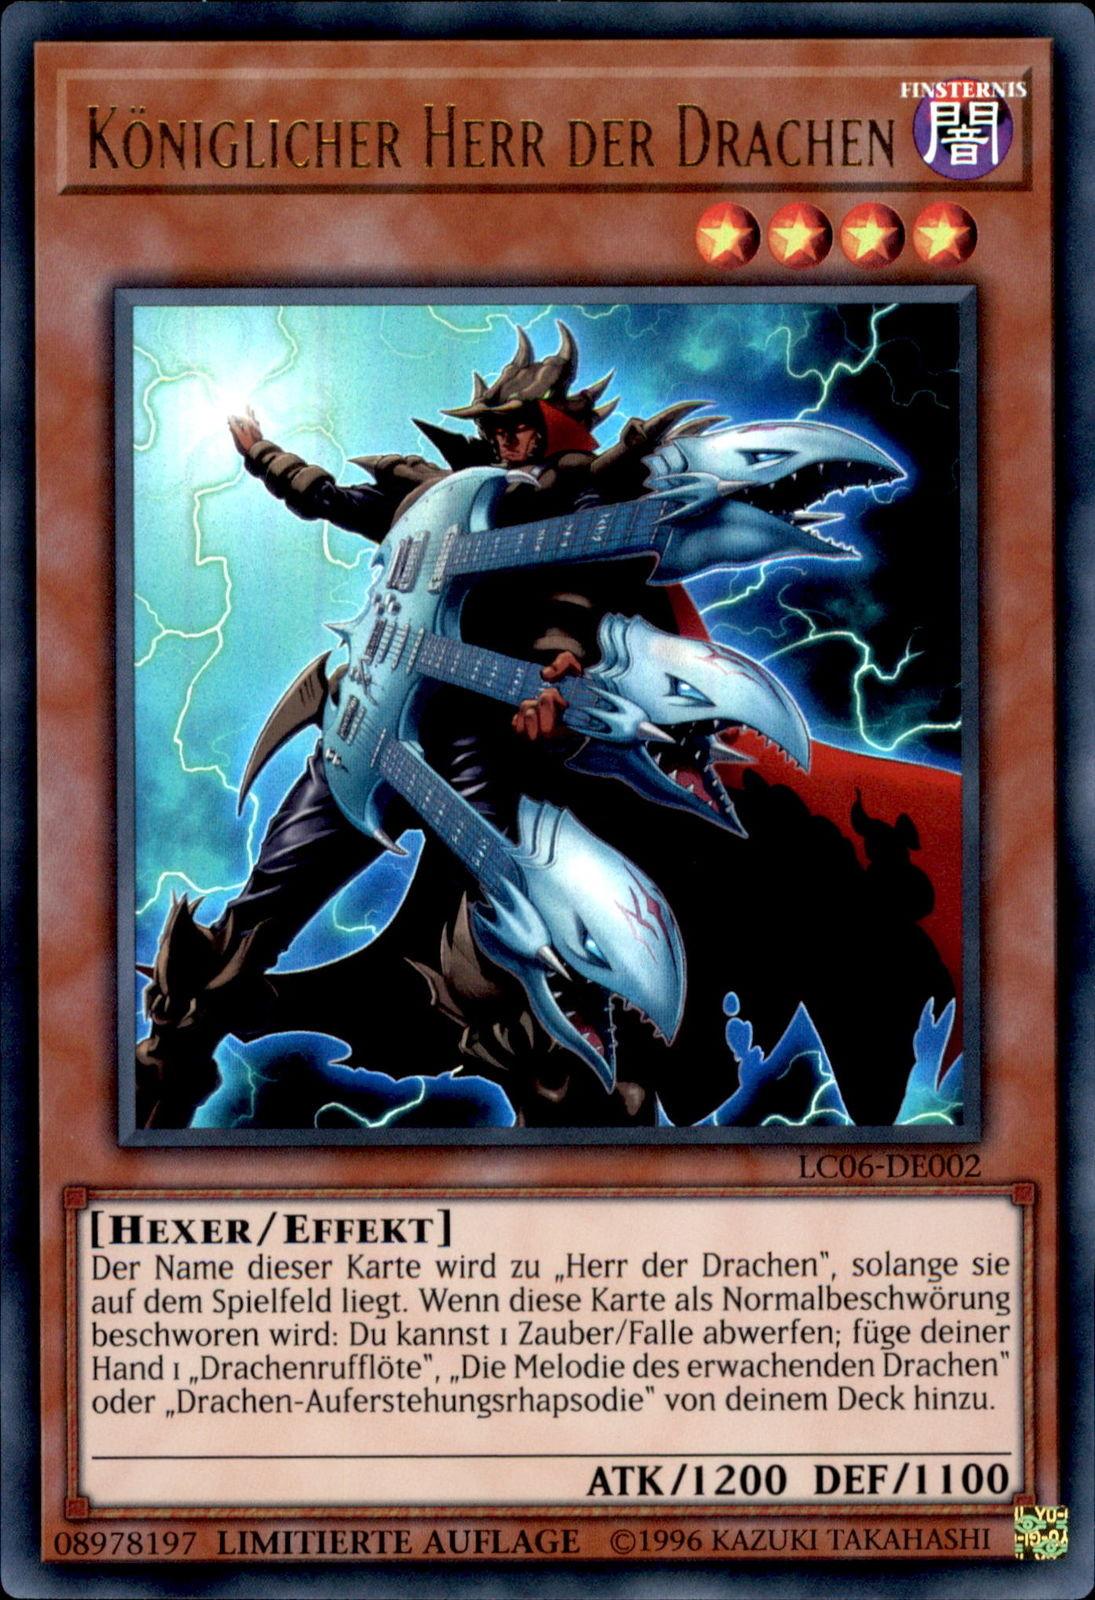 Yugioh Karten Drachen Neu Yugioh Lc06 De002 König Der Drachen 1 Auflage Eur 1 00 Bild